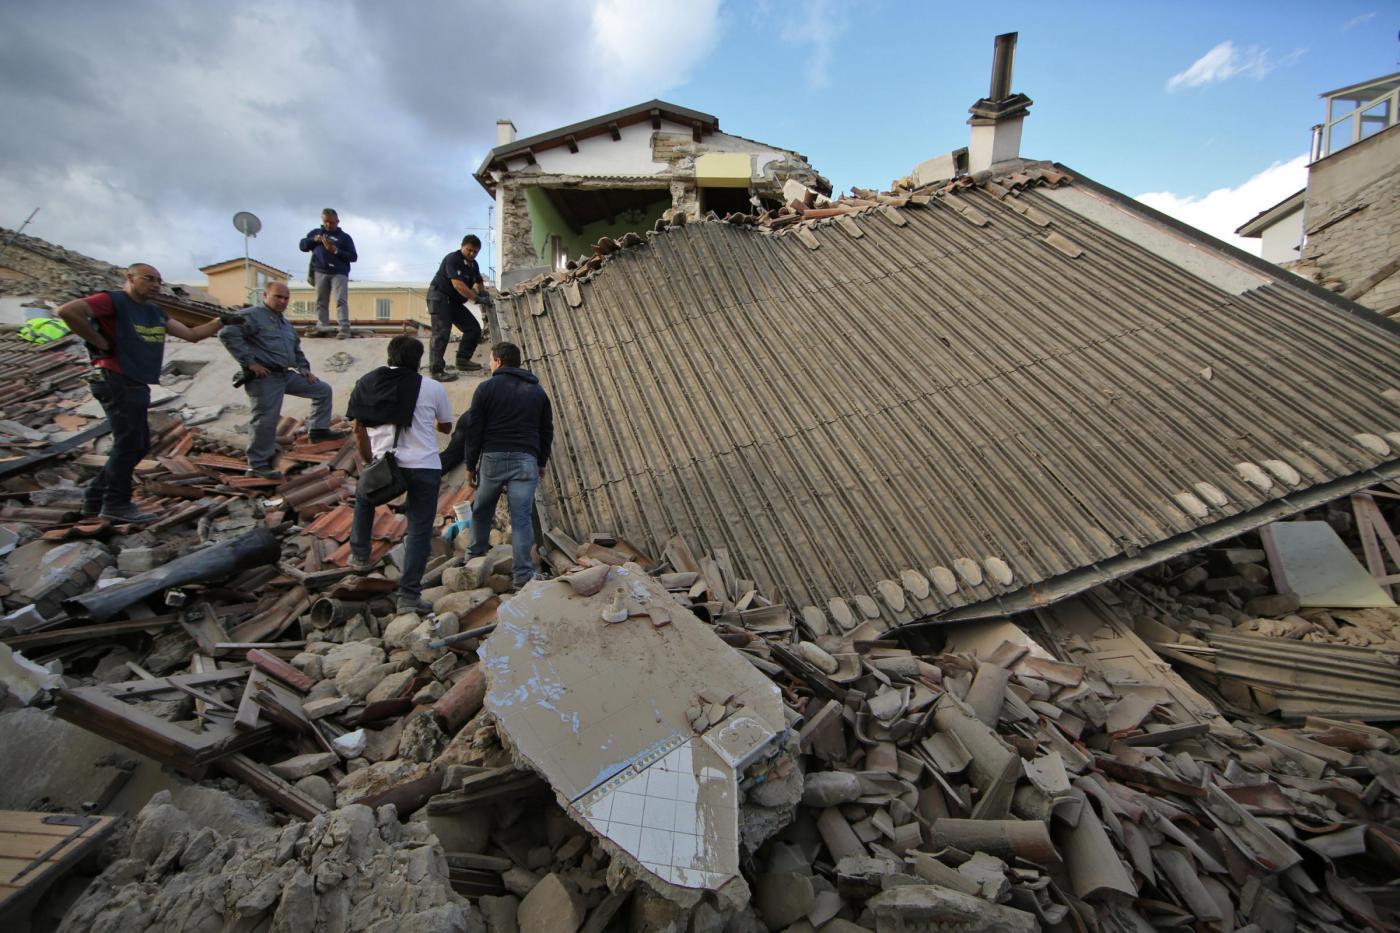 Terremoto di magnitudo 6.0 devasta il centro Italia: le immagini di Amatrice distrutta